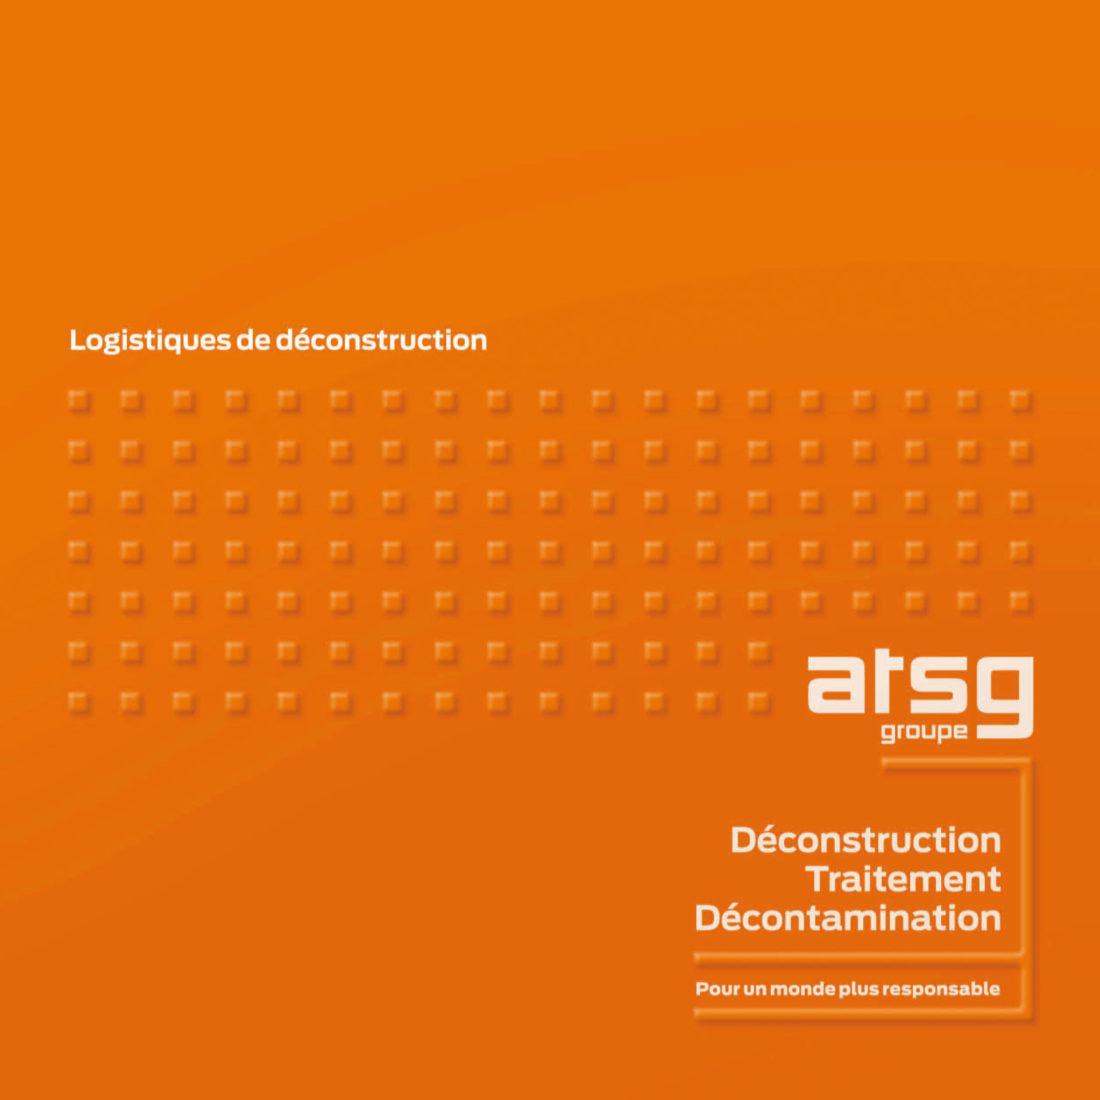 ATSG – Couverture Plaquette – 3voie agence de communication